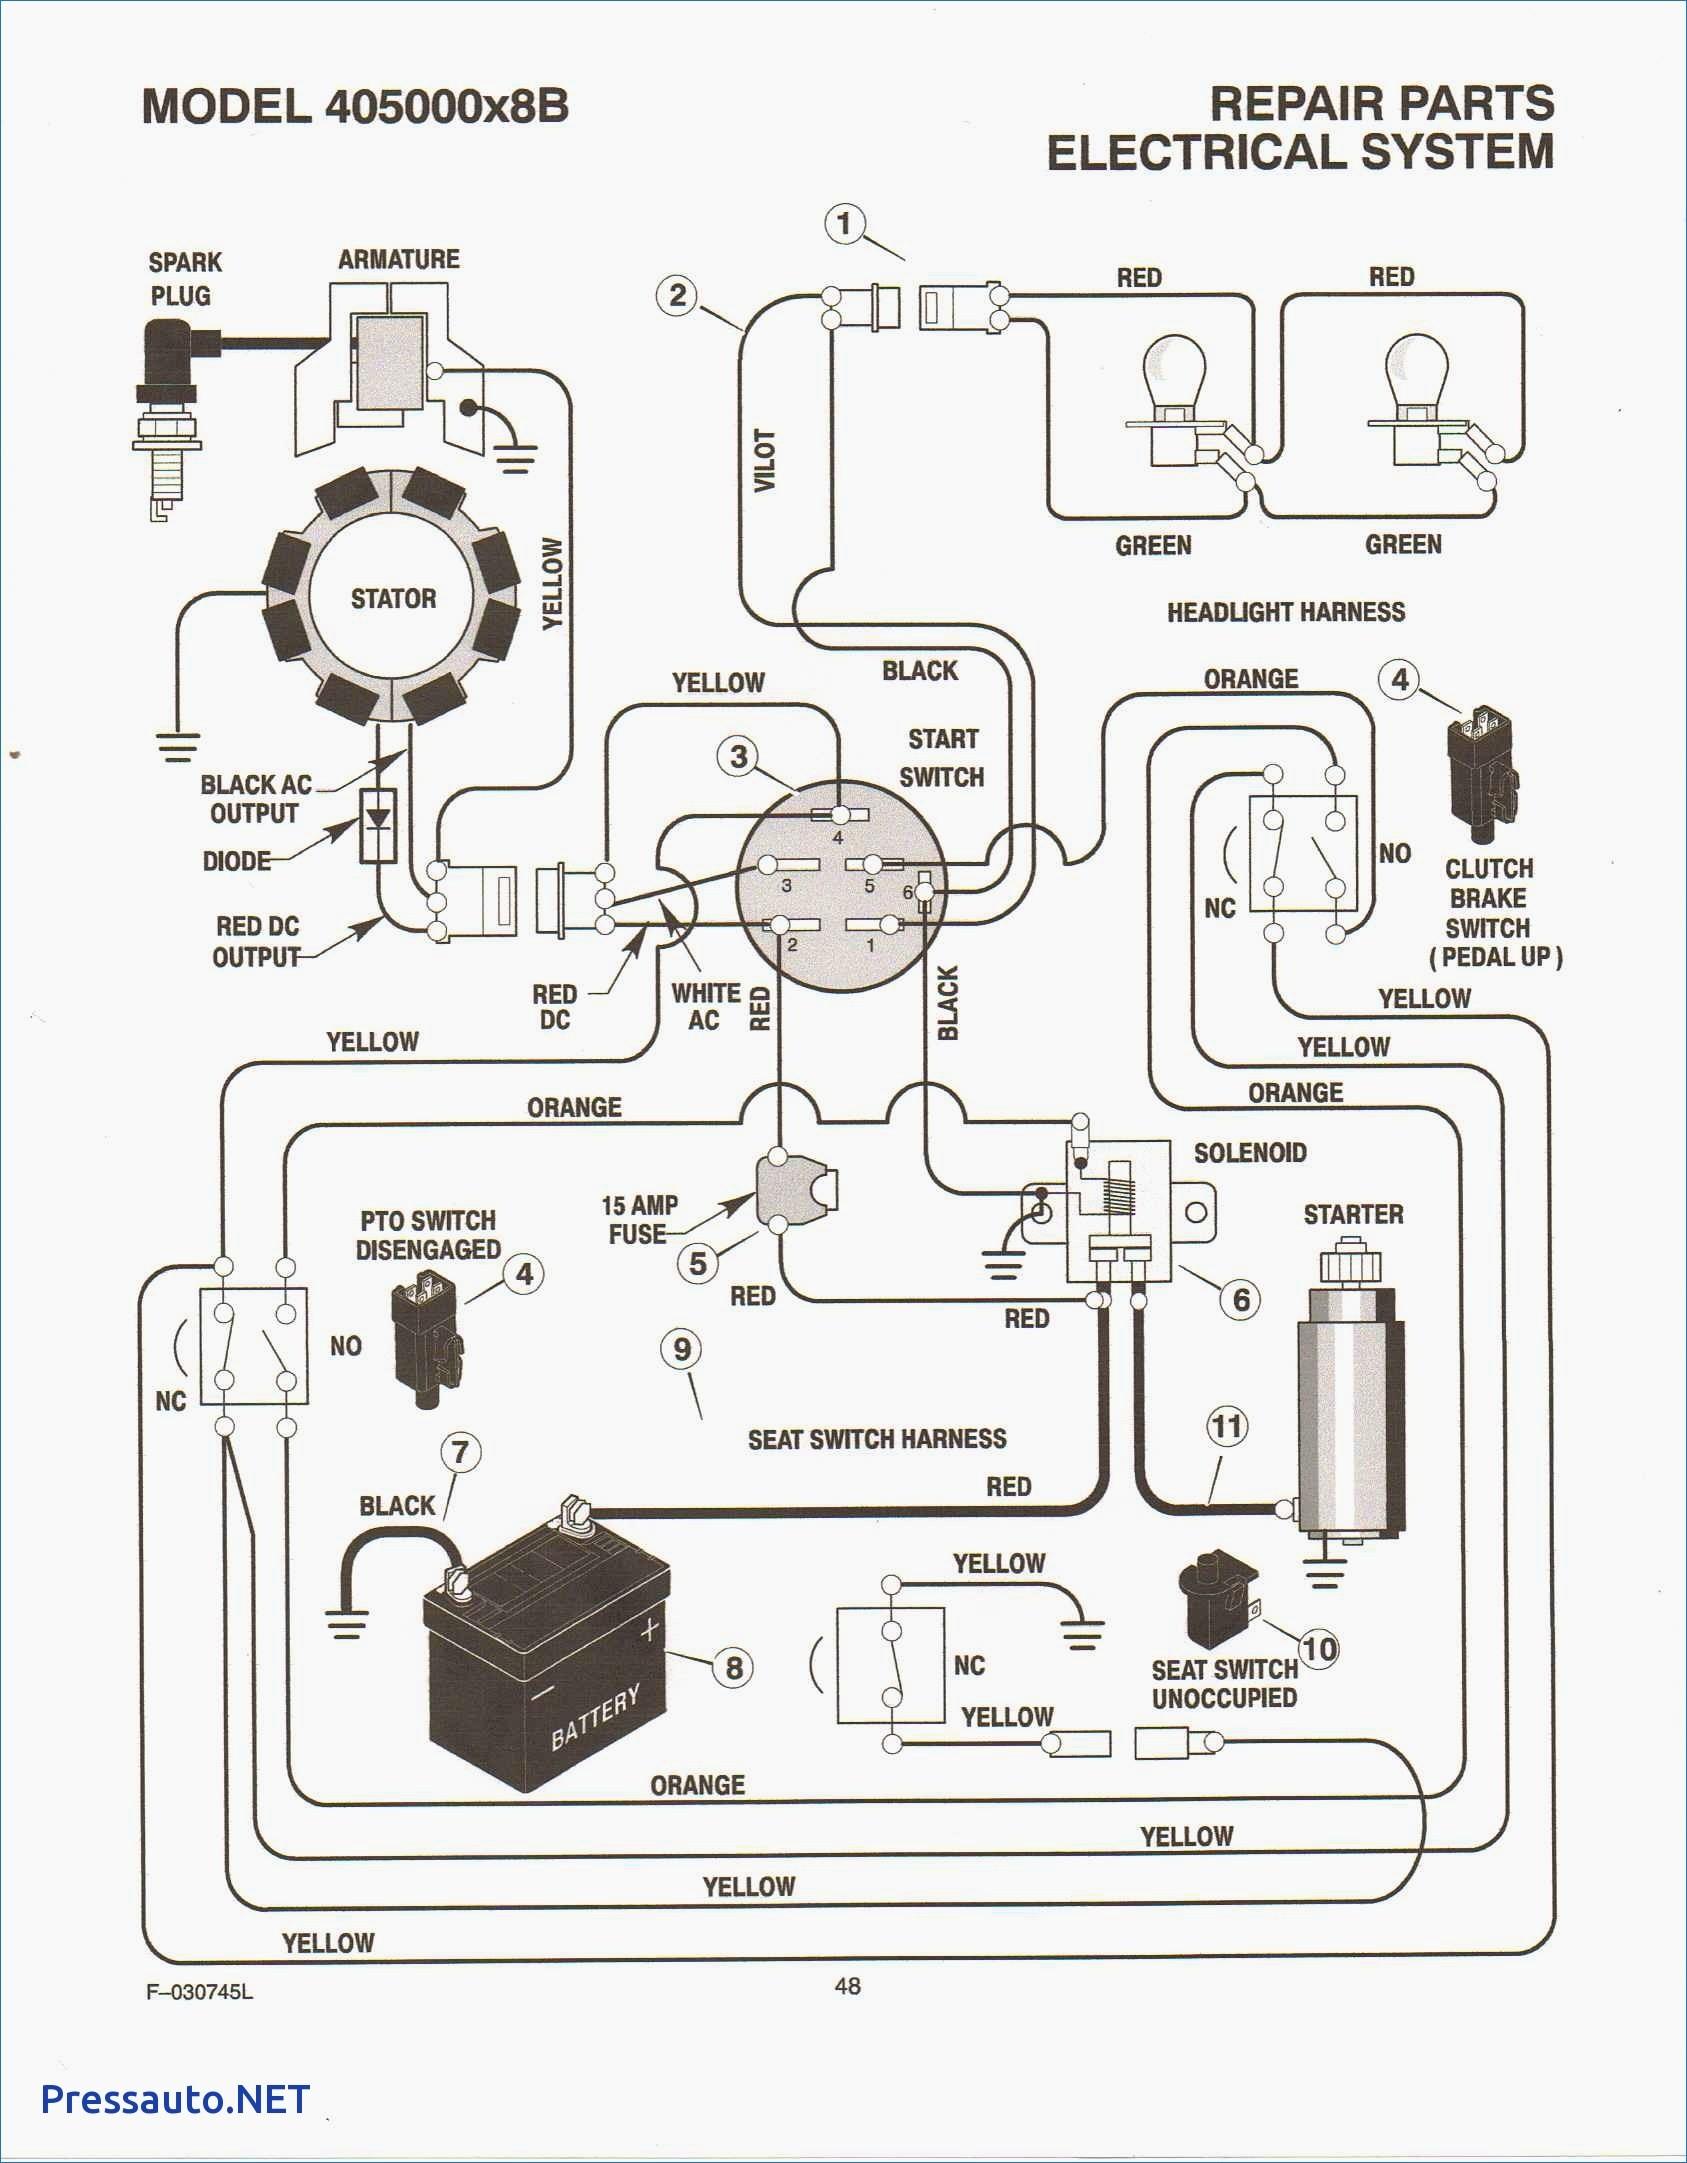 Kohler Engine Wiring Schematics | Wiring Diagram on